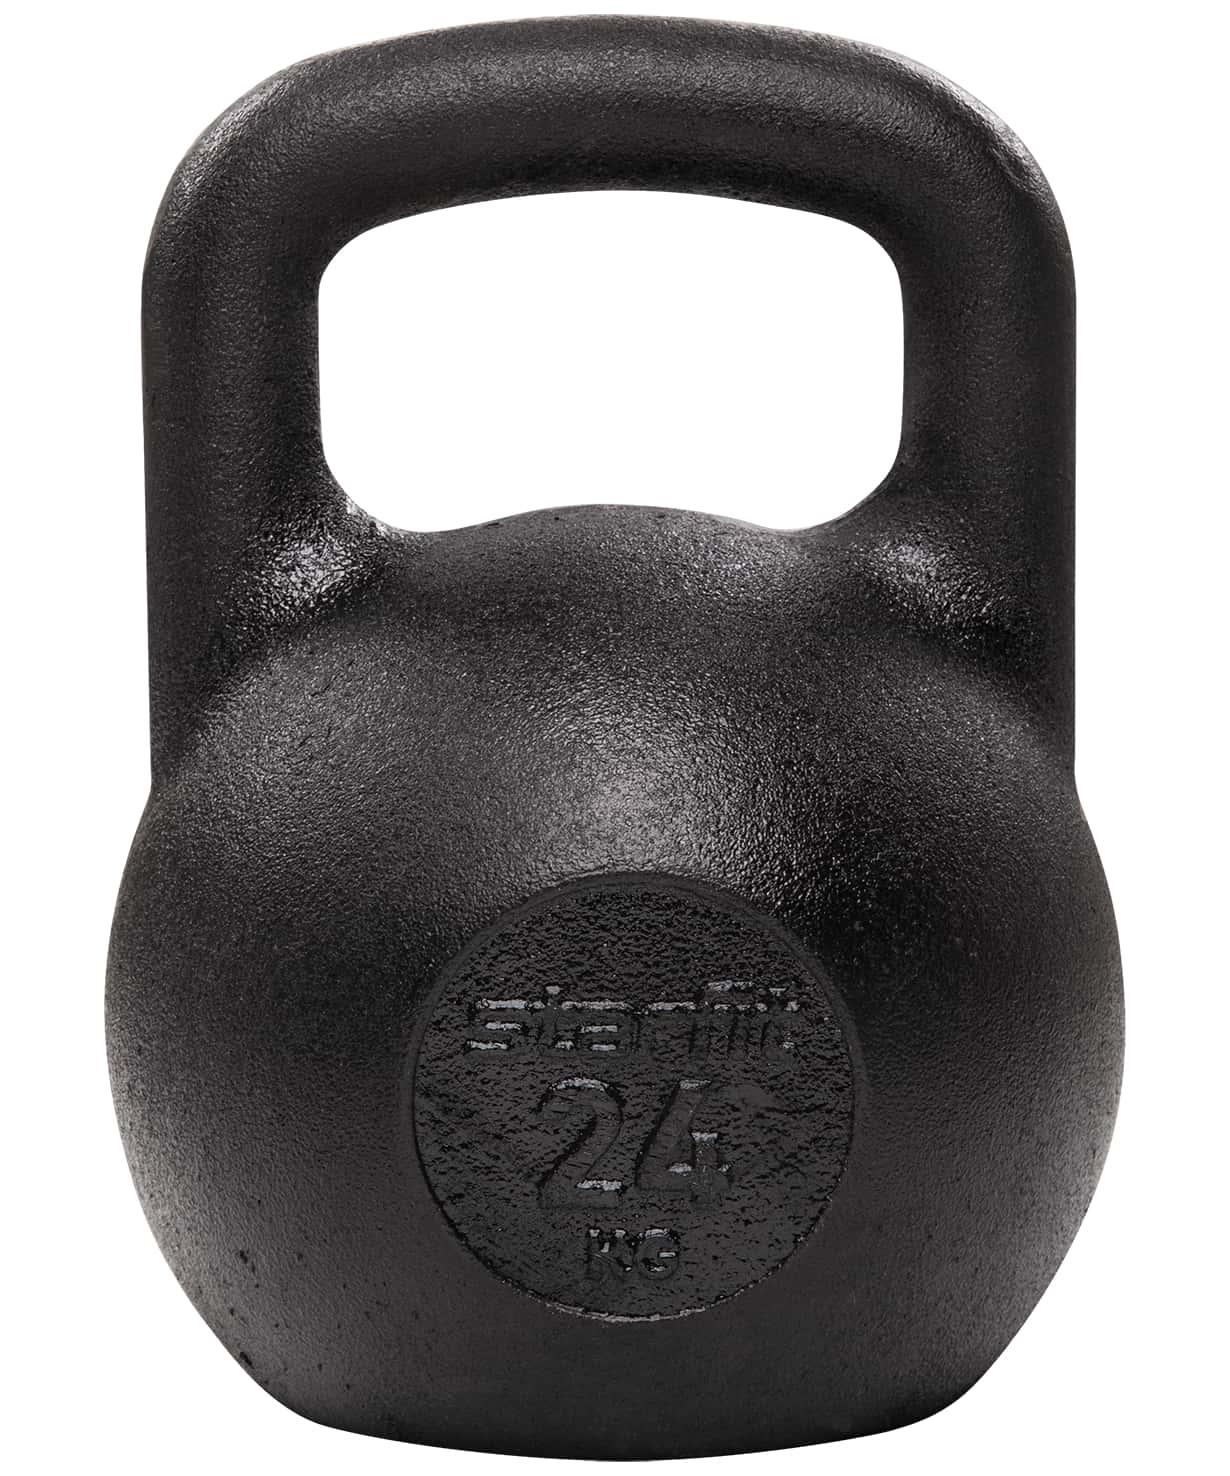 Гиря чугунная DB-602, 24 кг